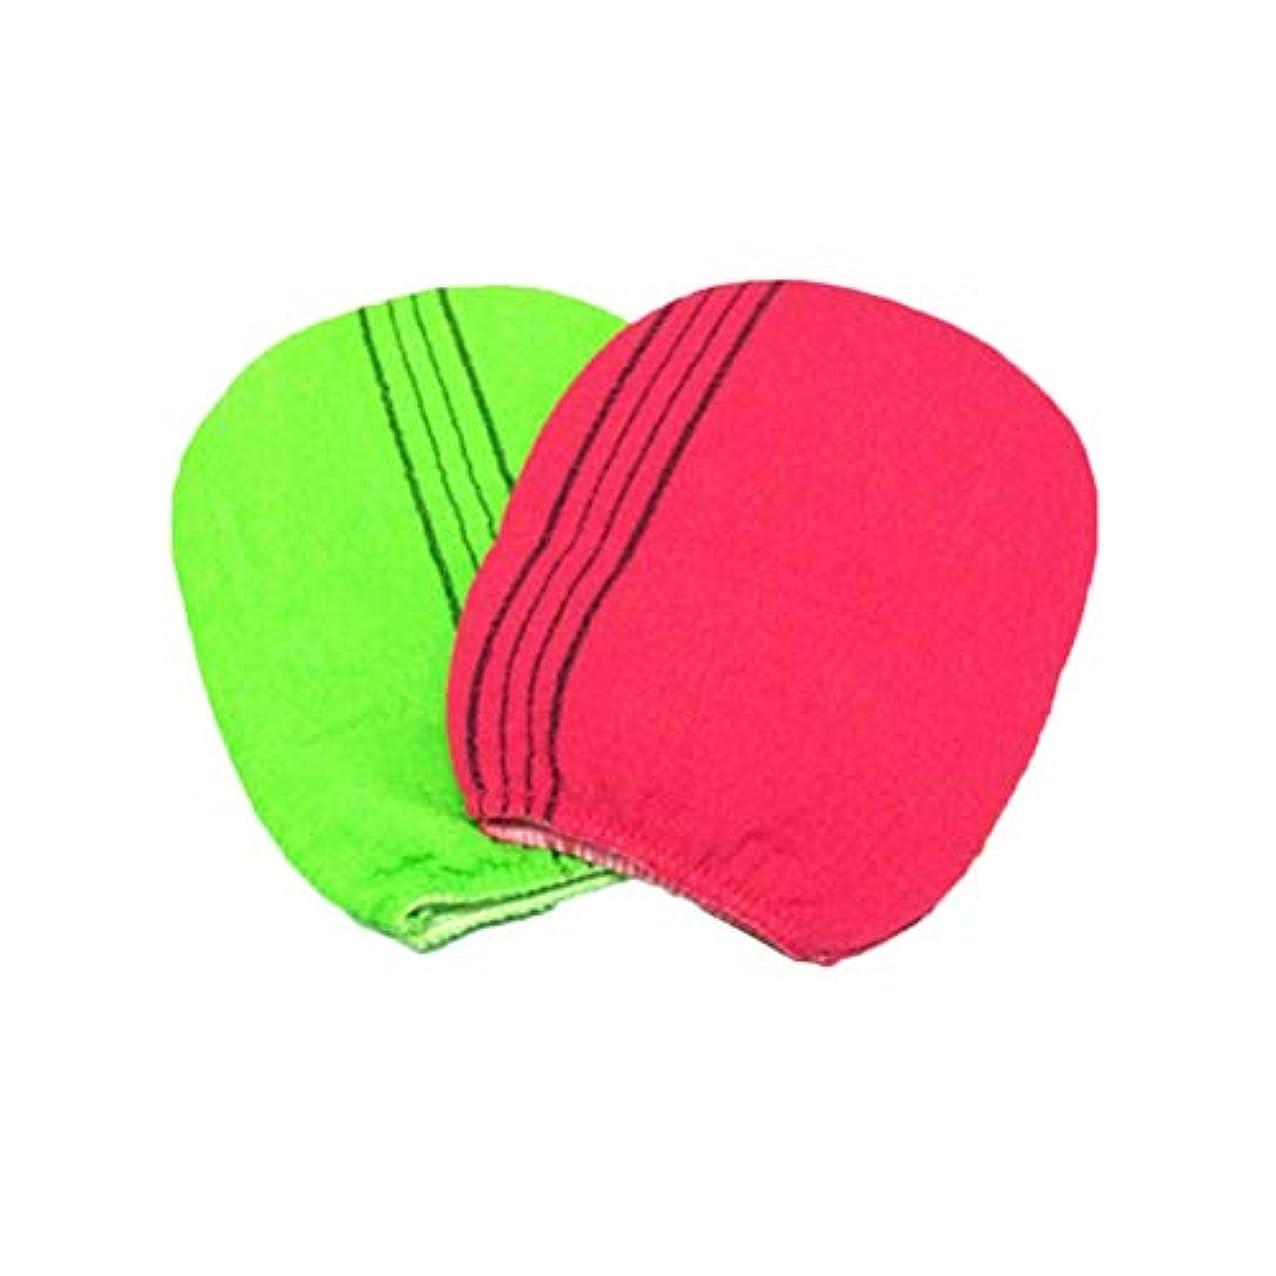 のみ滑りやすい進化Beaupretty 2ピース入浴手袋風呂ミットラビング手袋剥離手袋シャワーバスタオル(ランダムカラー)